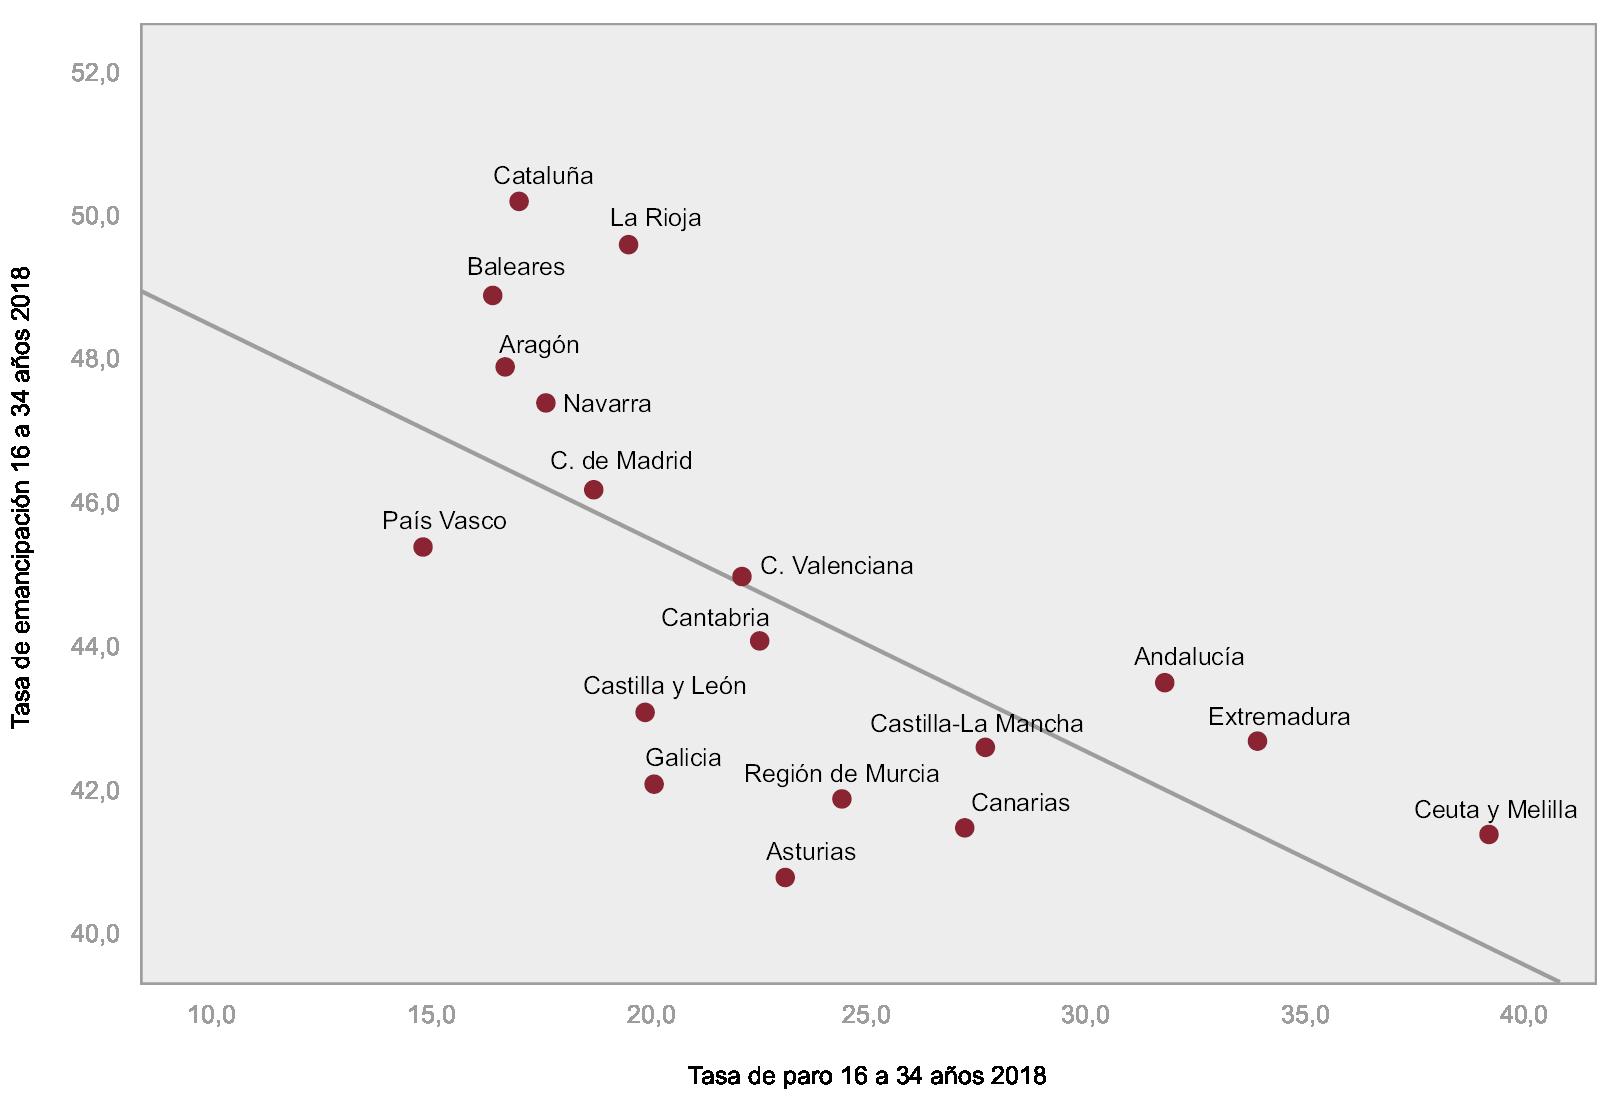 Fig. 5/ Dispersión simple tasas de emancipación y tasas de paro (16 a 34 años) por CC. AA. España, 2018.